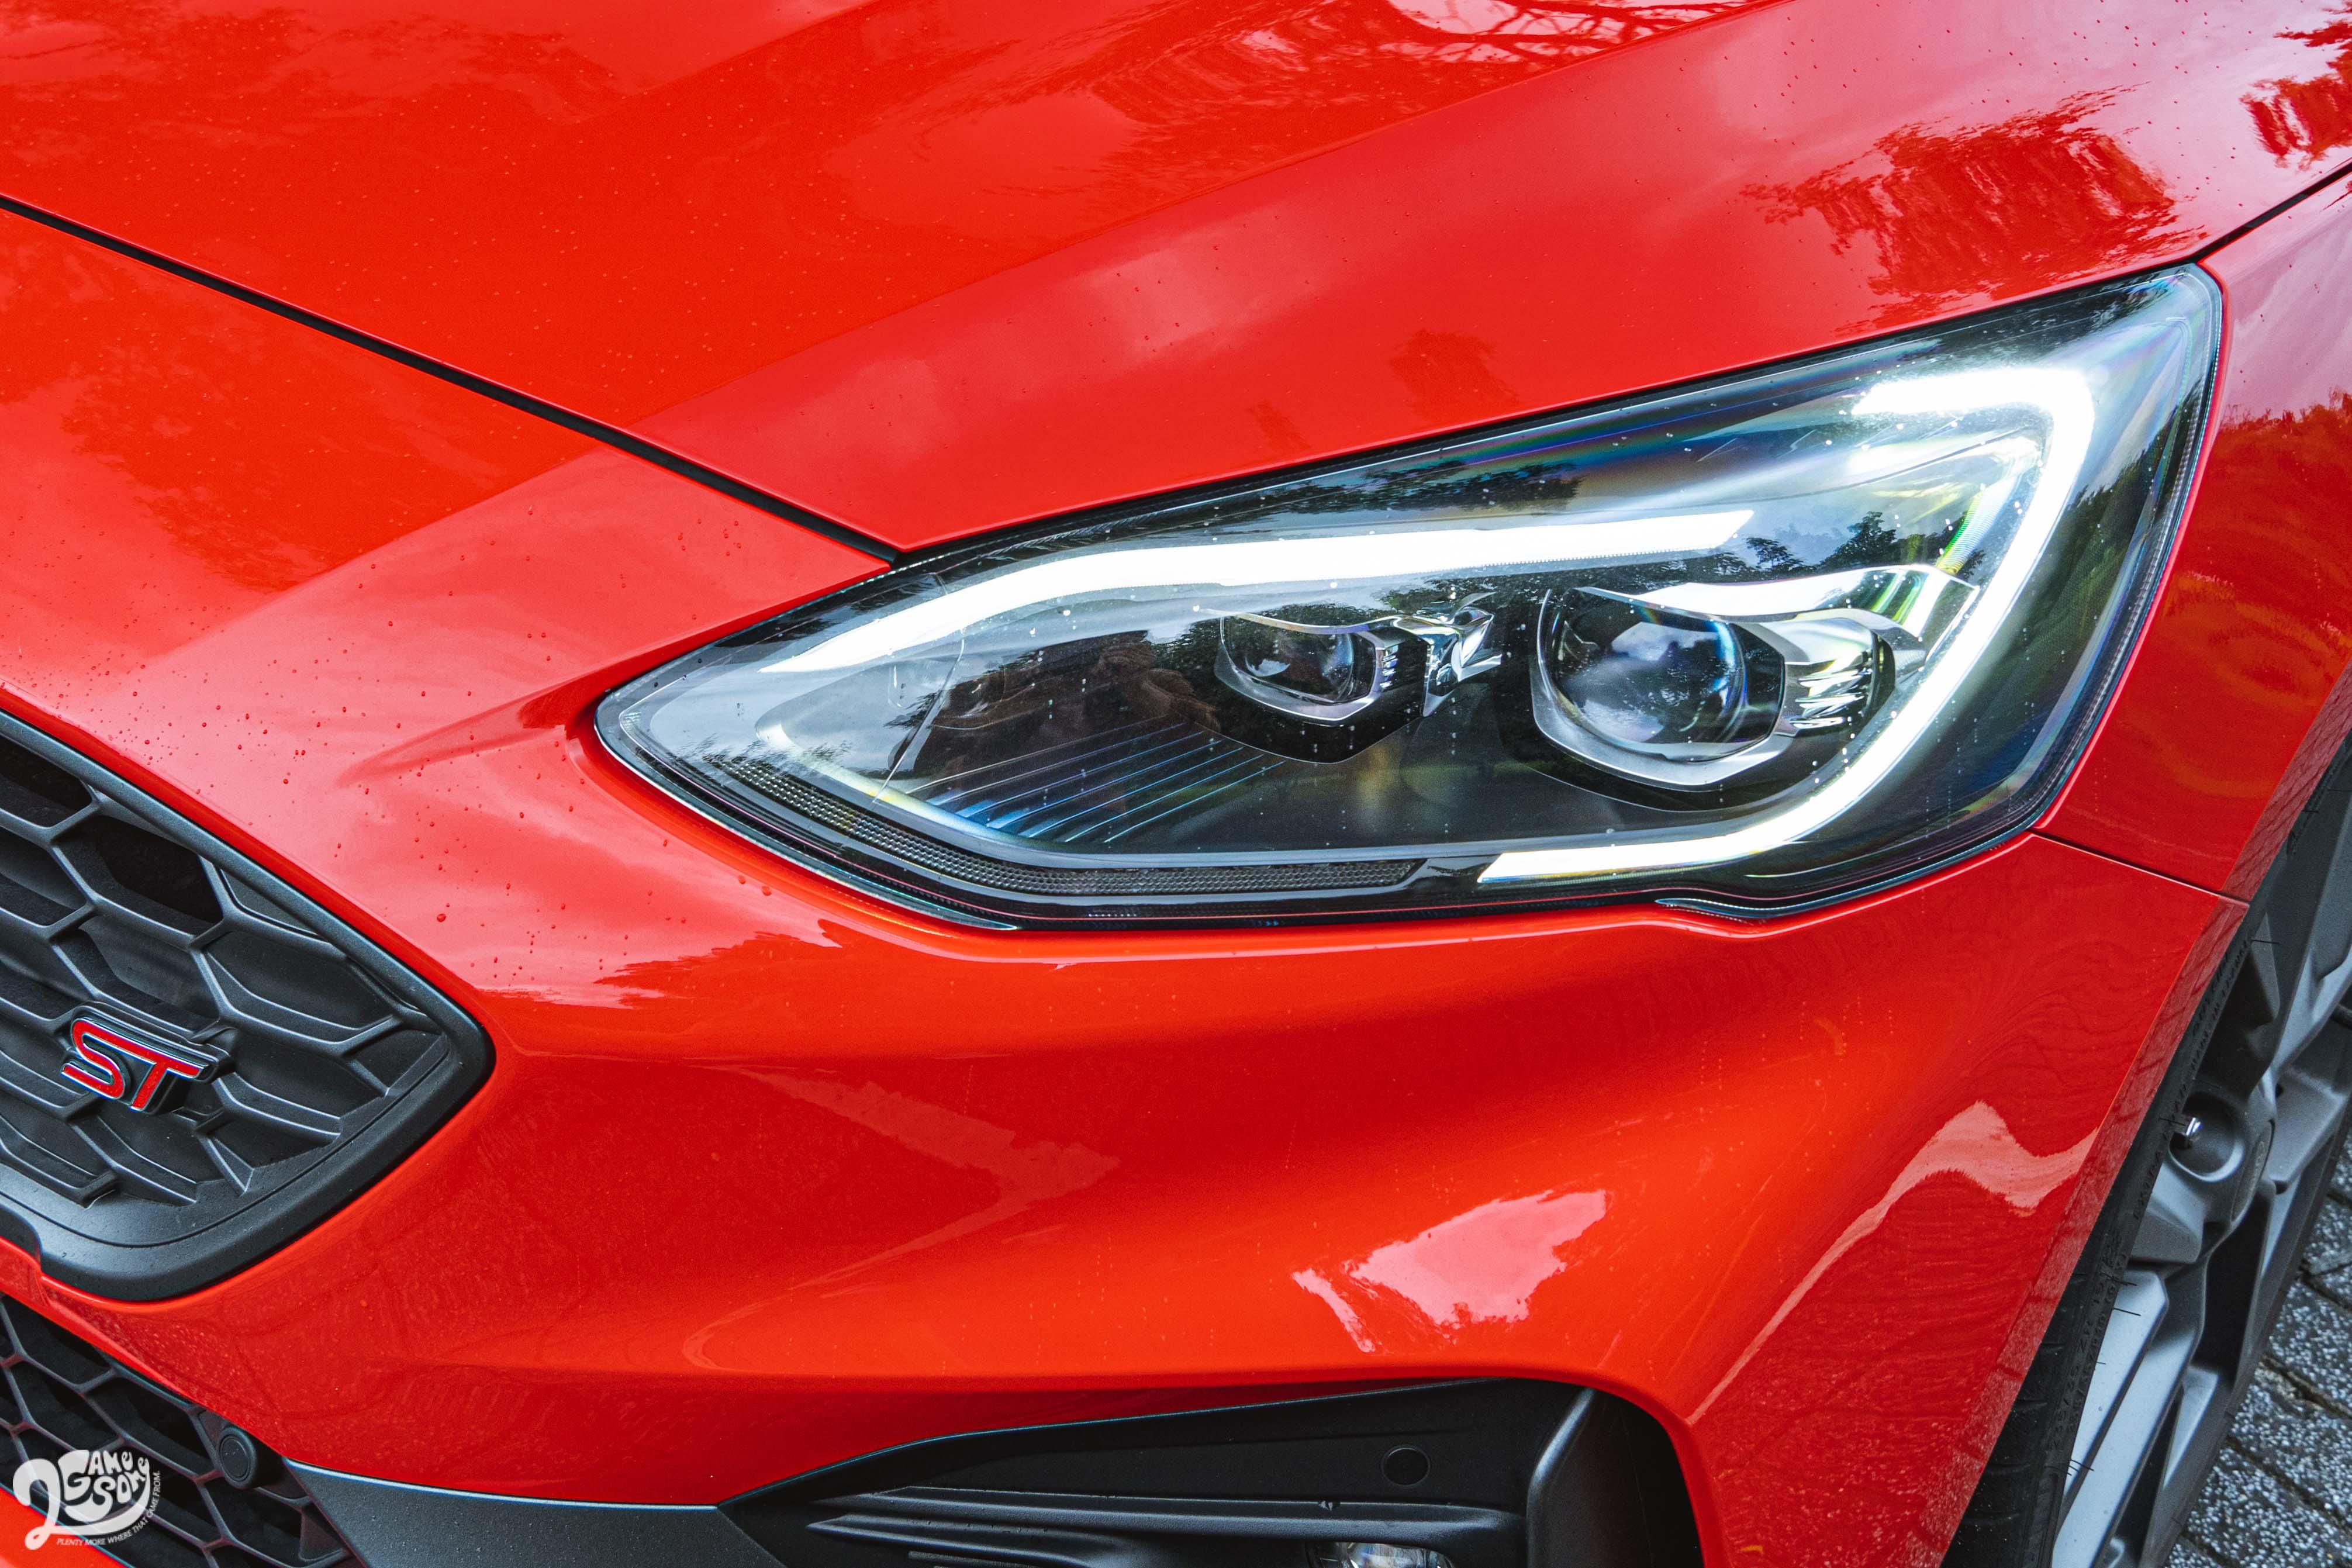 頭燈擁有與 ST 不同的「旭日之刃型」,並標配 AFS 頭燈主動式轉向照明輔助系統。